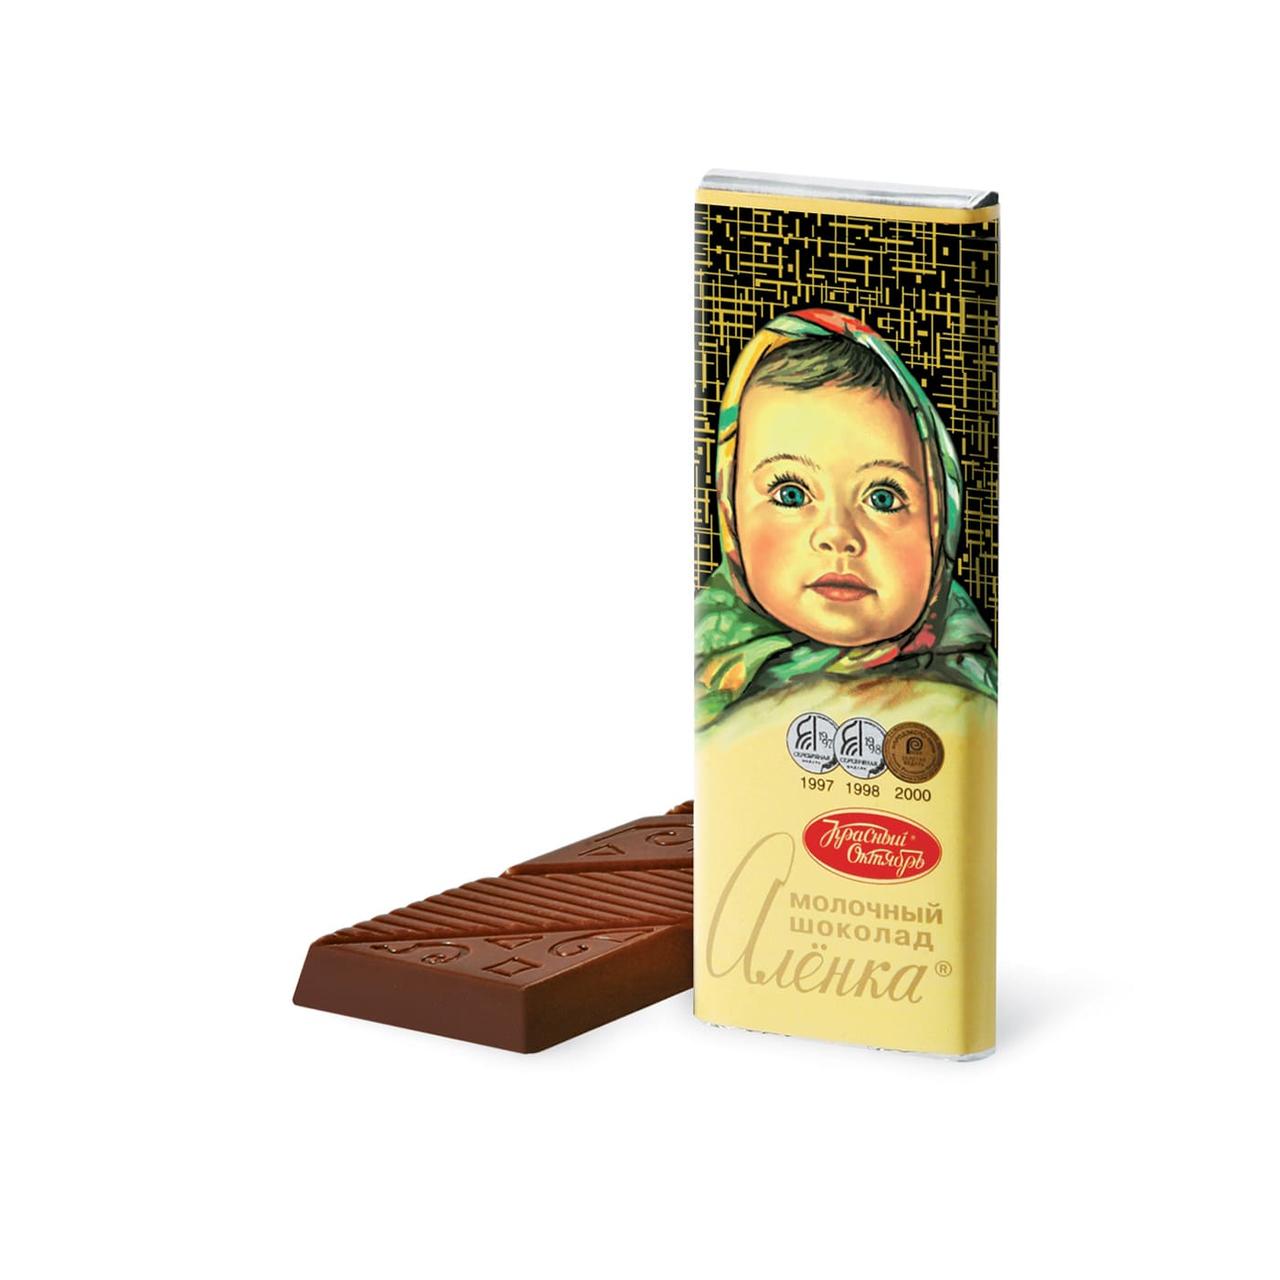 Шоколад Аленка молочный 20гр.